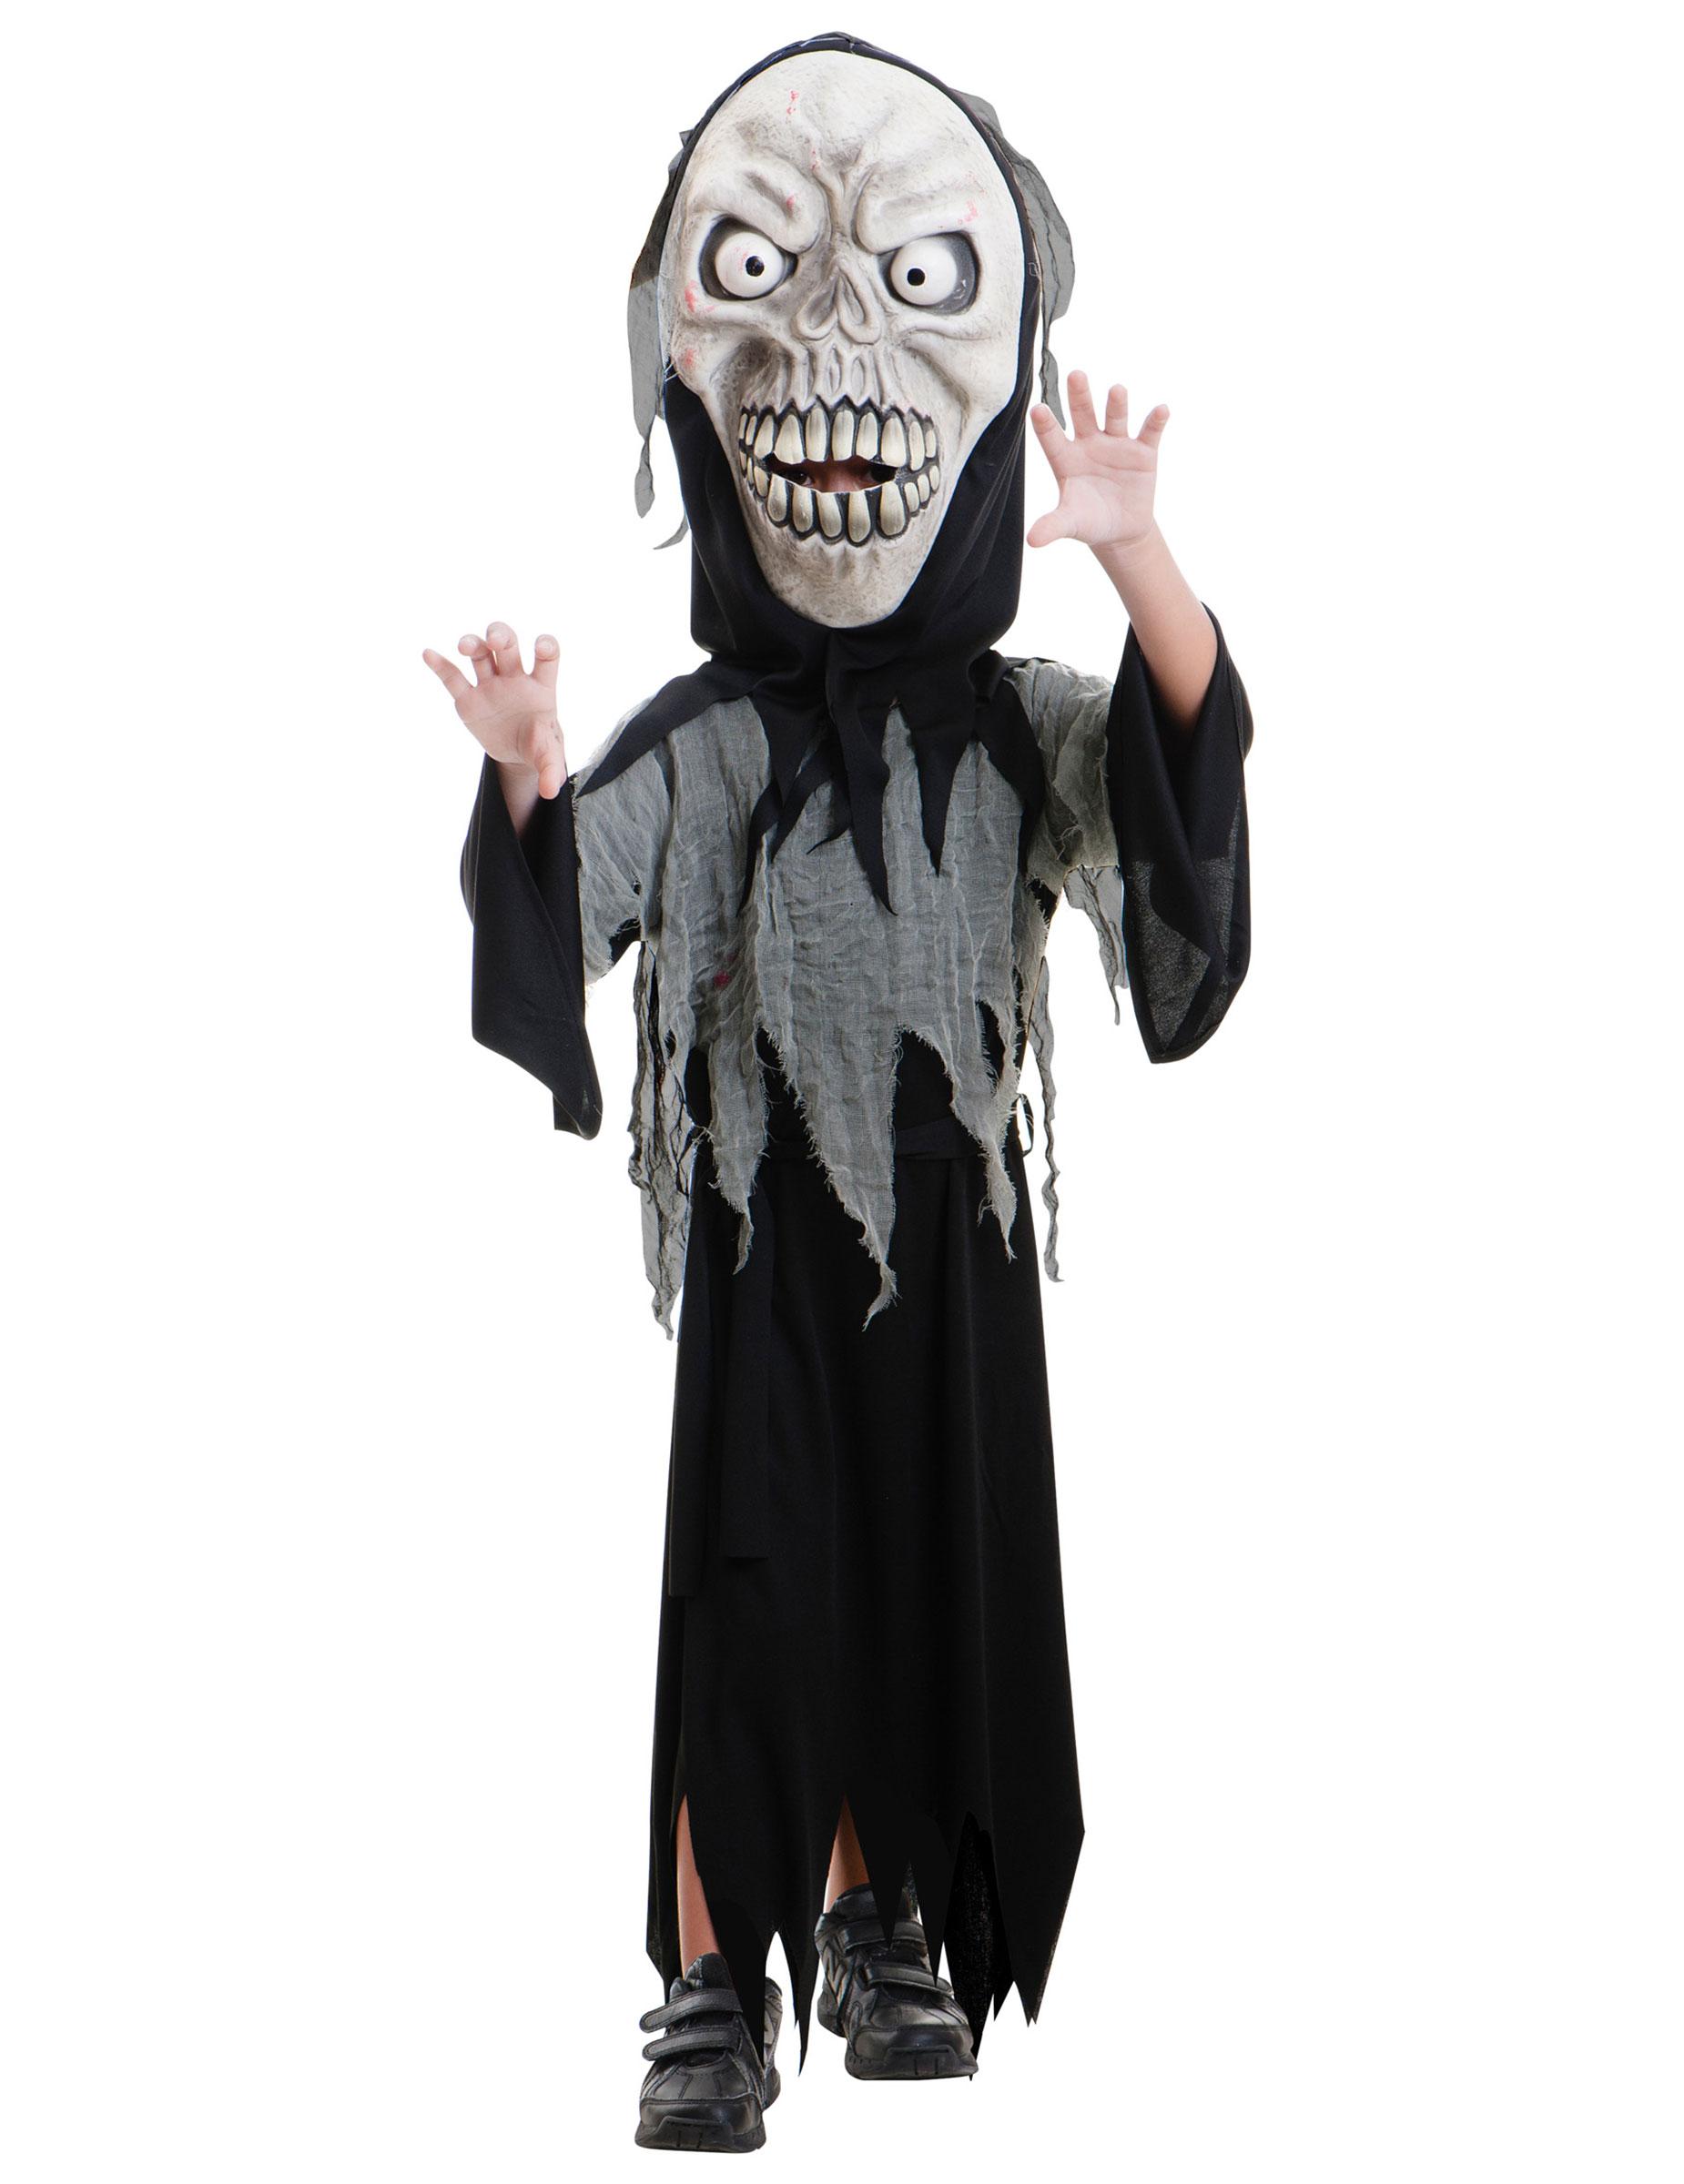 Sensenmann Kinder Kostüm Für Halloween Schwarz Weiss Grau